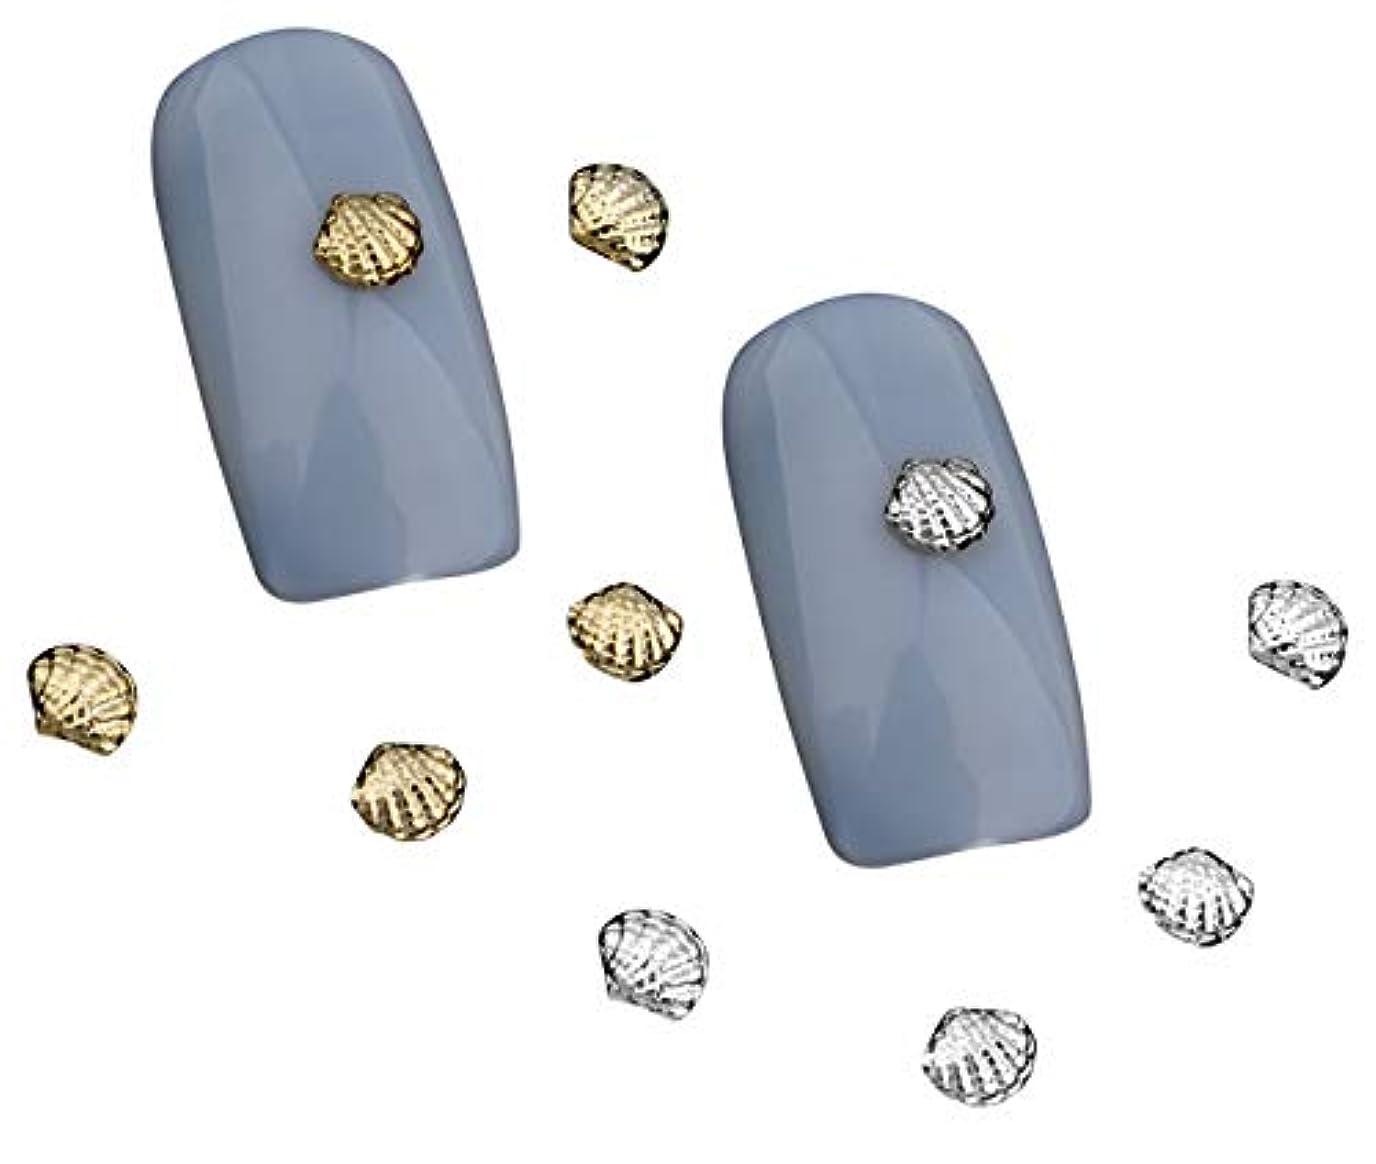 妊娠した受取人提出するTianmey シェル3Dゴールドシルバー合金ネイルズアートラインストーンの装飾チャームジュエリーネイルツール